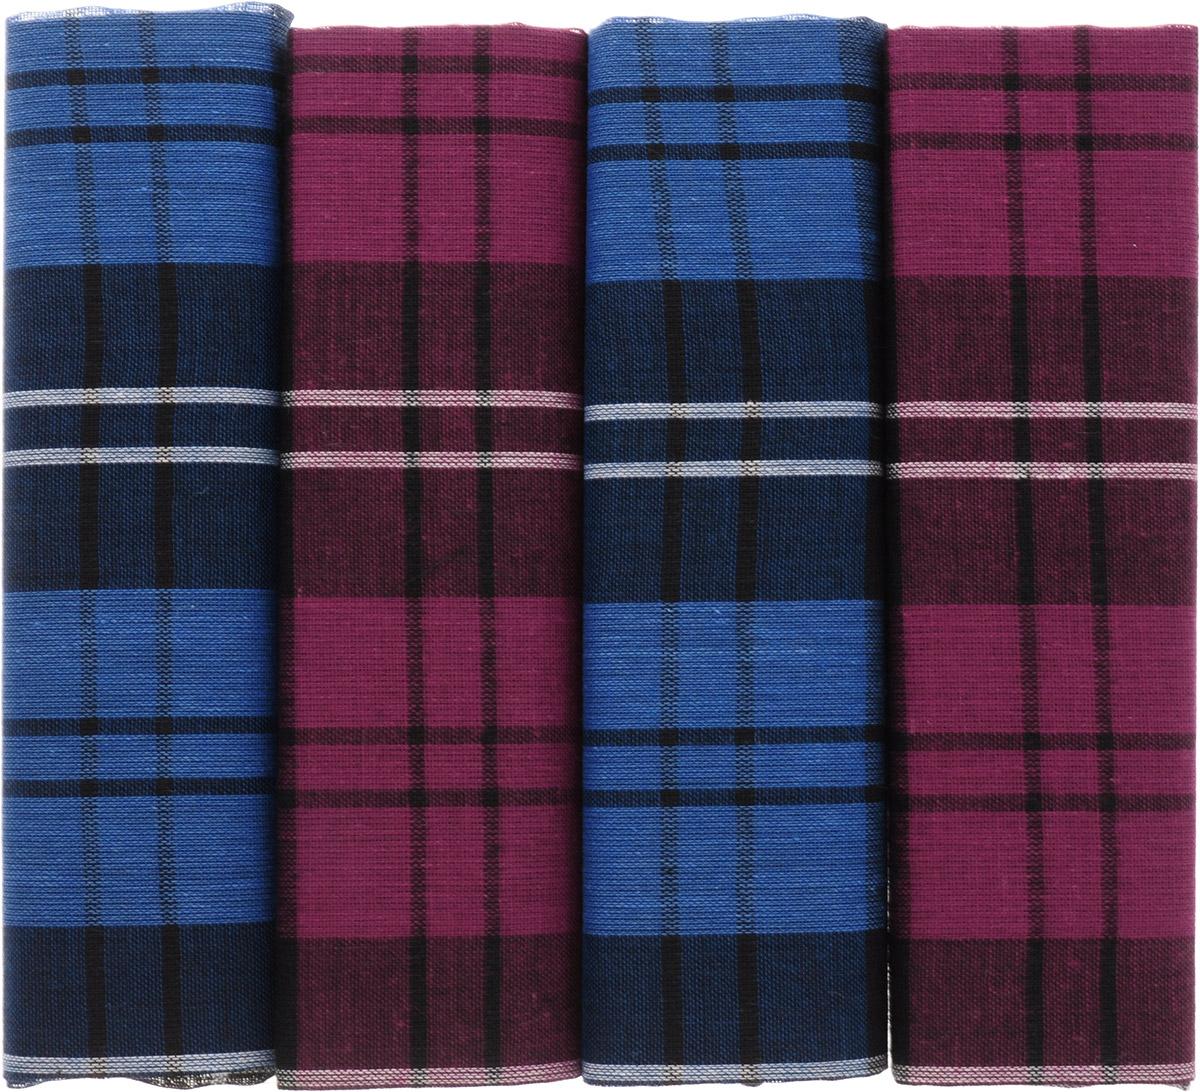 Платок носовой мужской Zlata Korunka, цвет: бордовый, синий, 4 шт. 71419-29. Размер 34 см х 34 смСерьги с подвескамиОригинальный мужской носовой платок Zlata Korunka изготовлен из высококачественного натурального хлопка, благодаря чему приятен в использовании, хорошо стирается, не садится и отлично впитывает влагу. Практичный и изящный носовой платок будет незаменим в повседневной жизни любого современного человека. Такой платок послужит стильным аксессуаром и подчеркнет ваше превосходное чувство вкуса.В комплекте 4 платка.